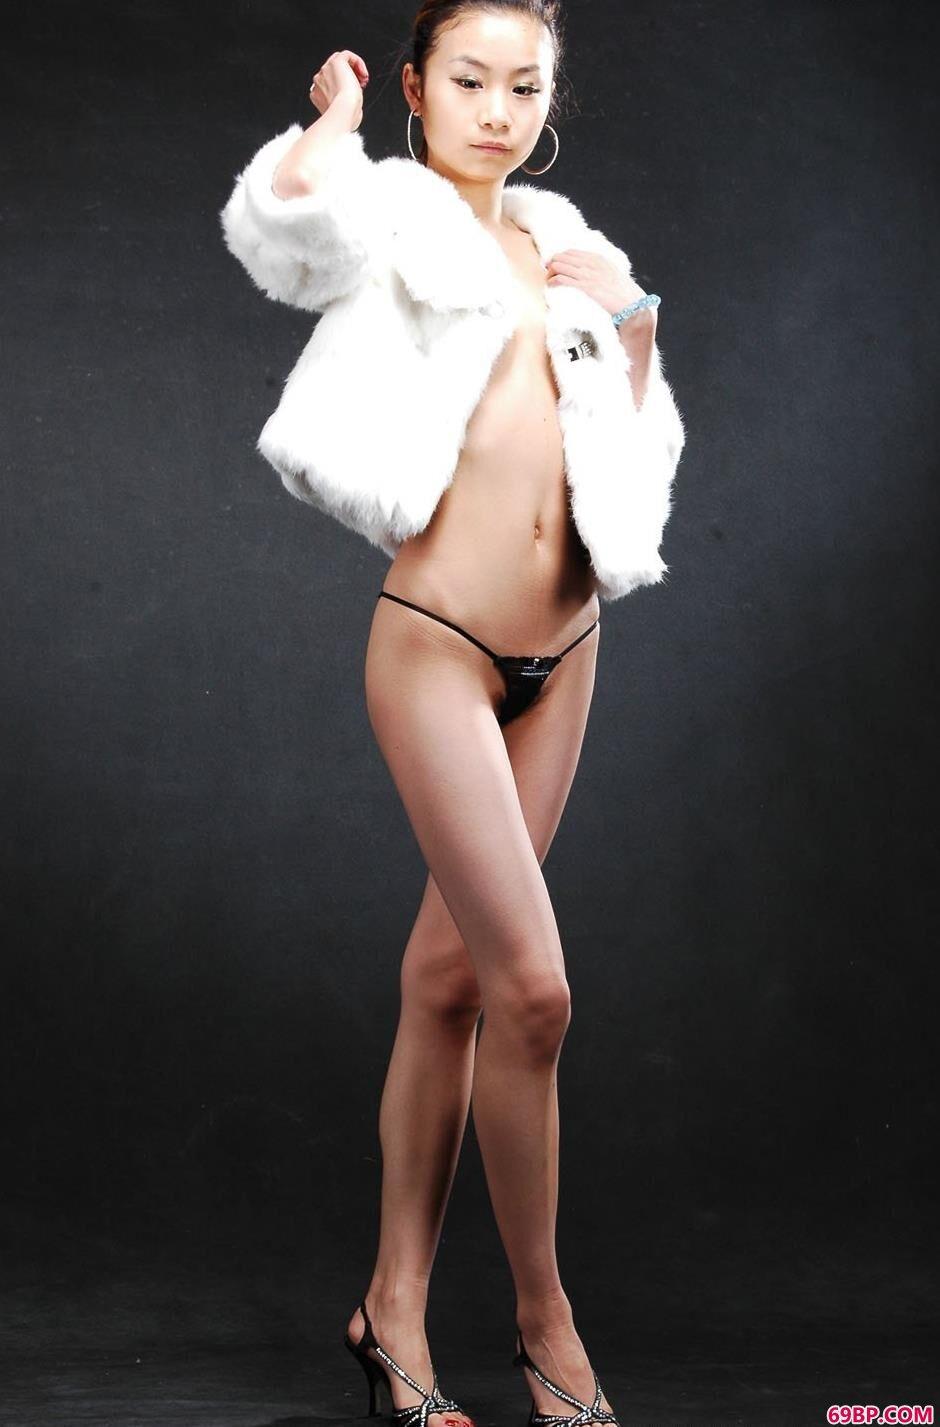 裸模贝贝棚拍舞蹈中的美体1